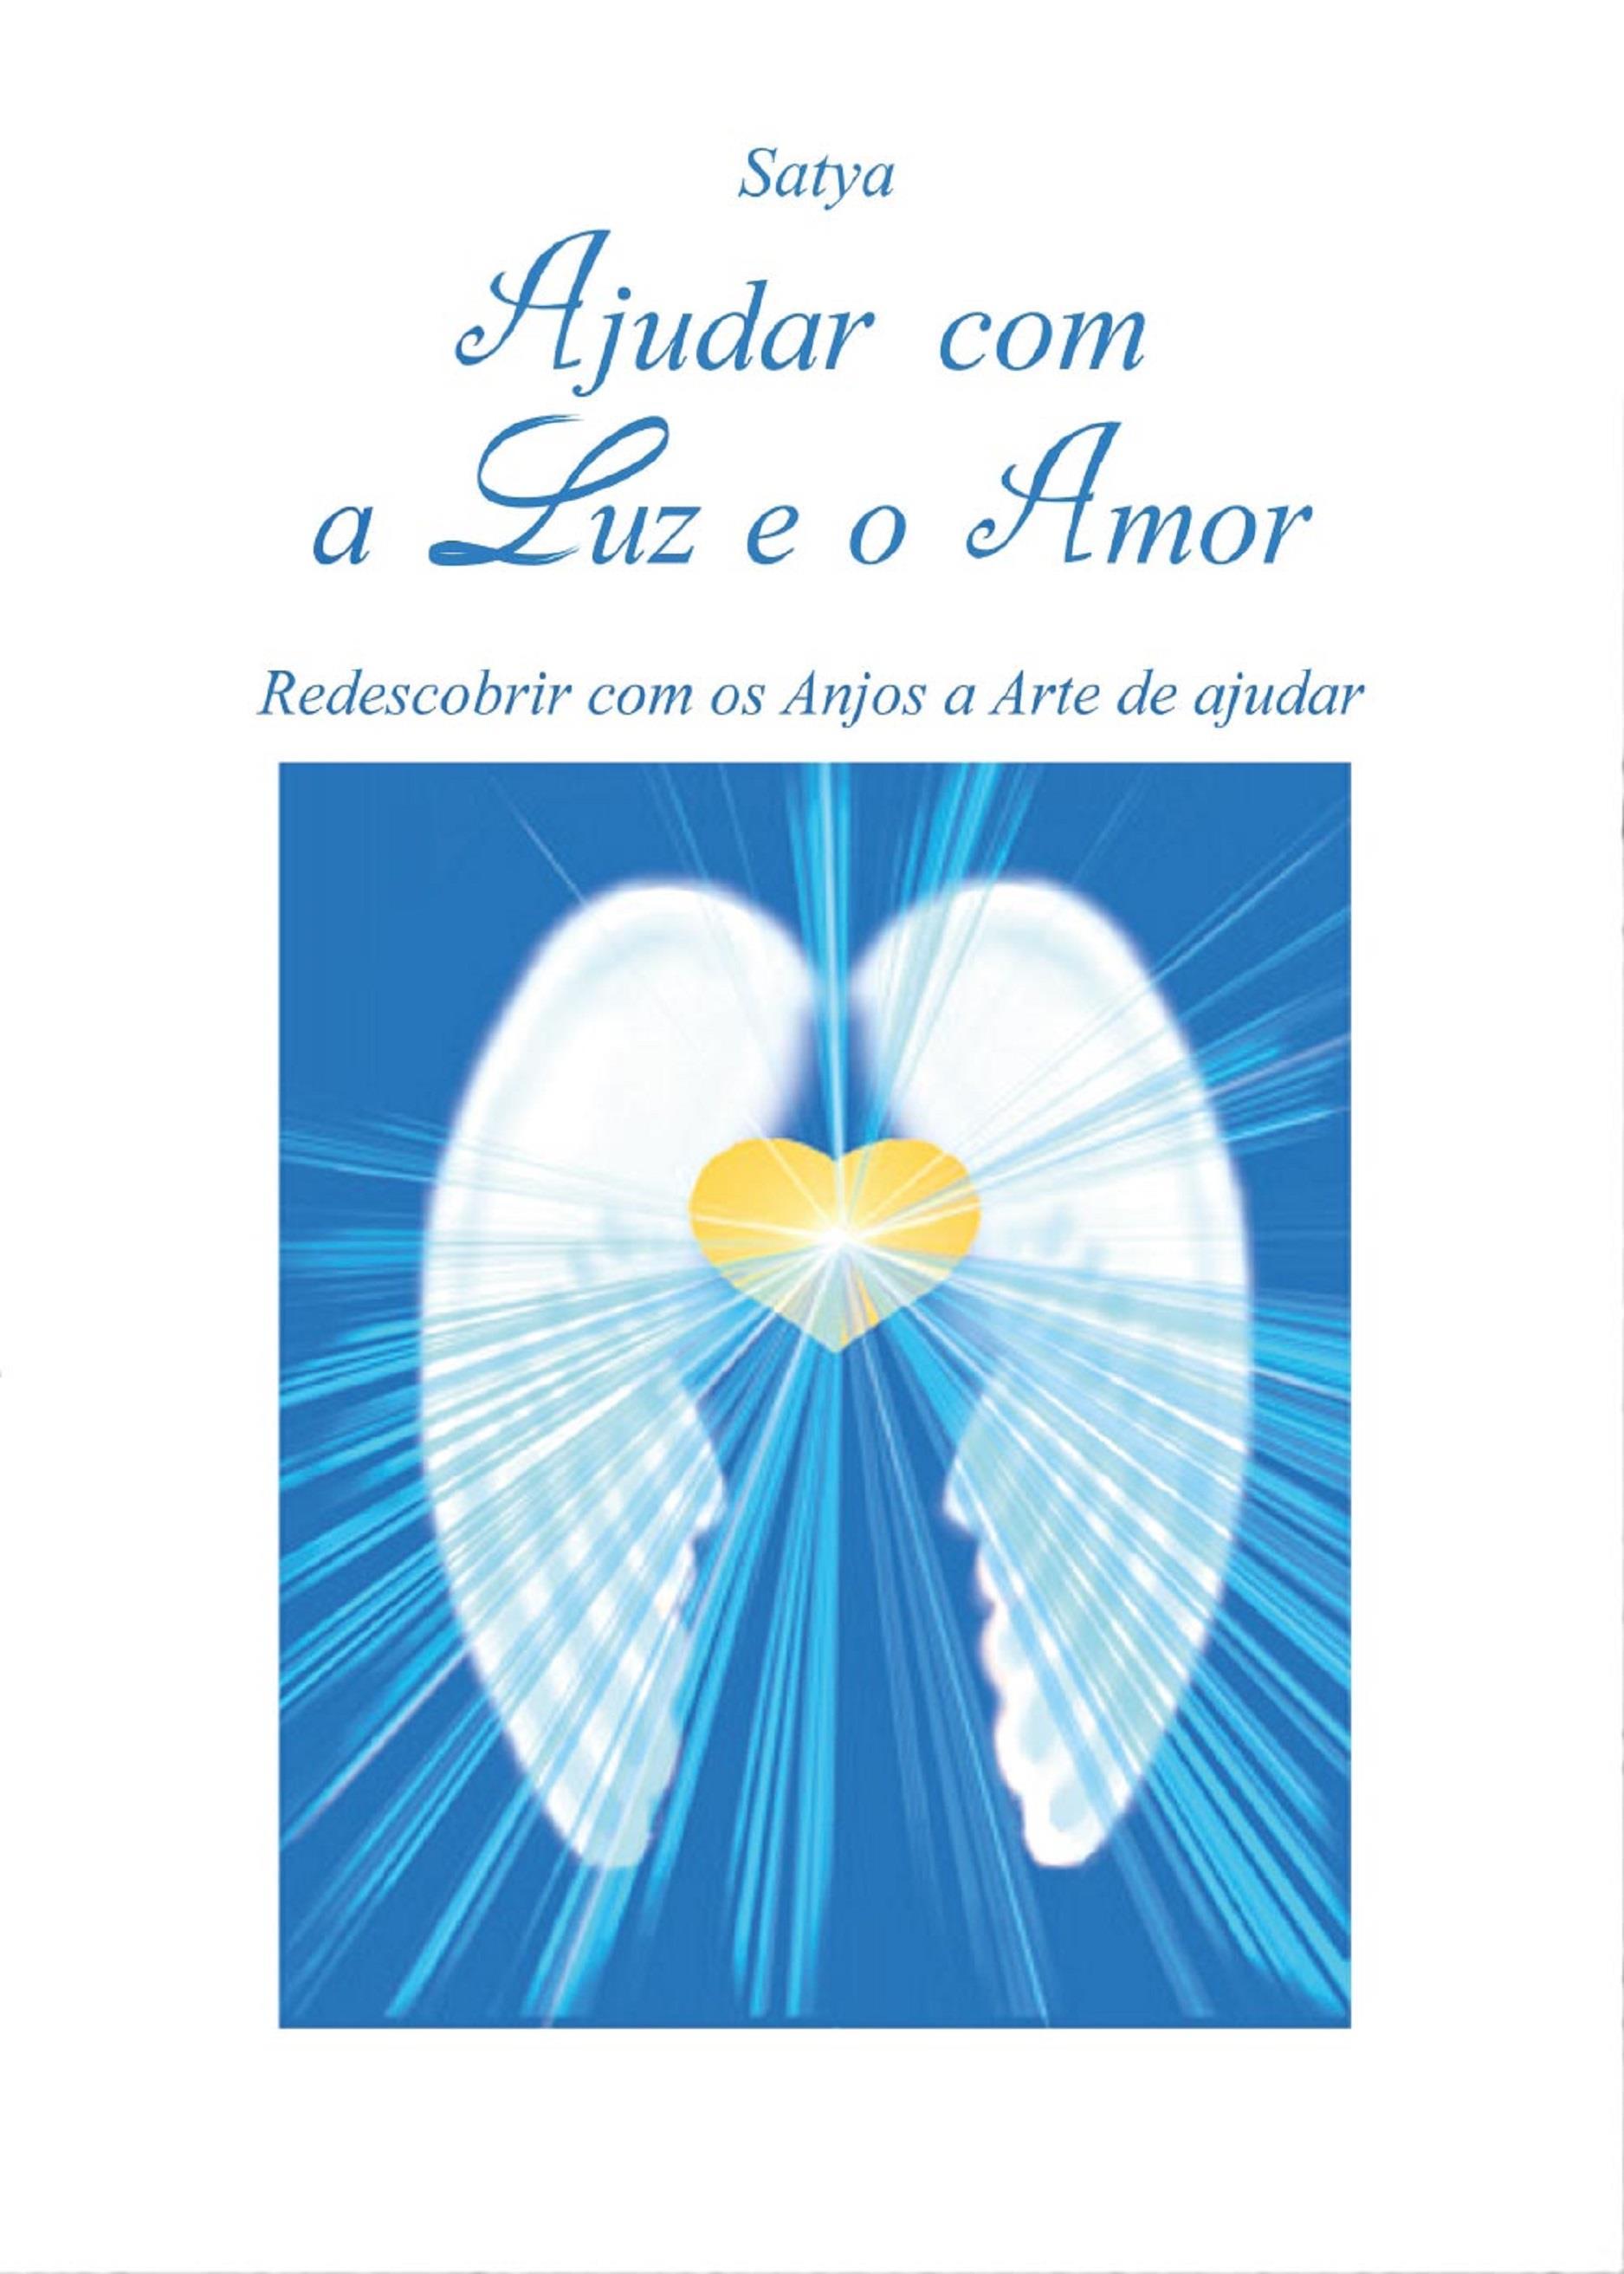 Ajudar com a Luz e o Amor